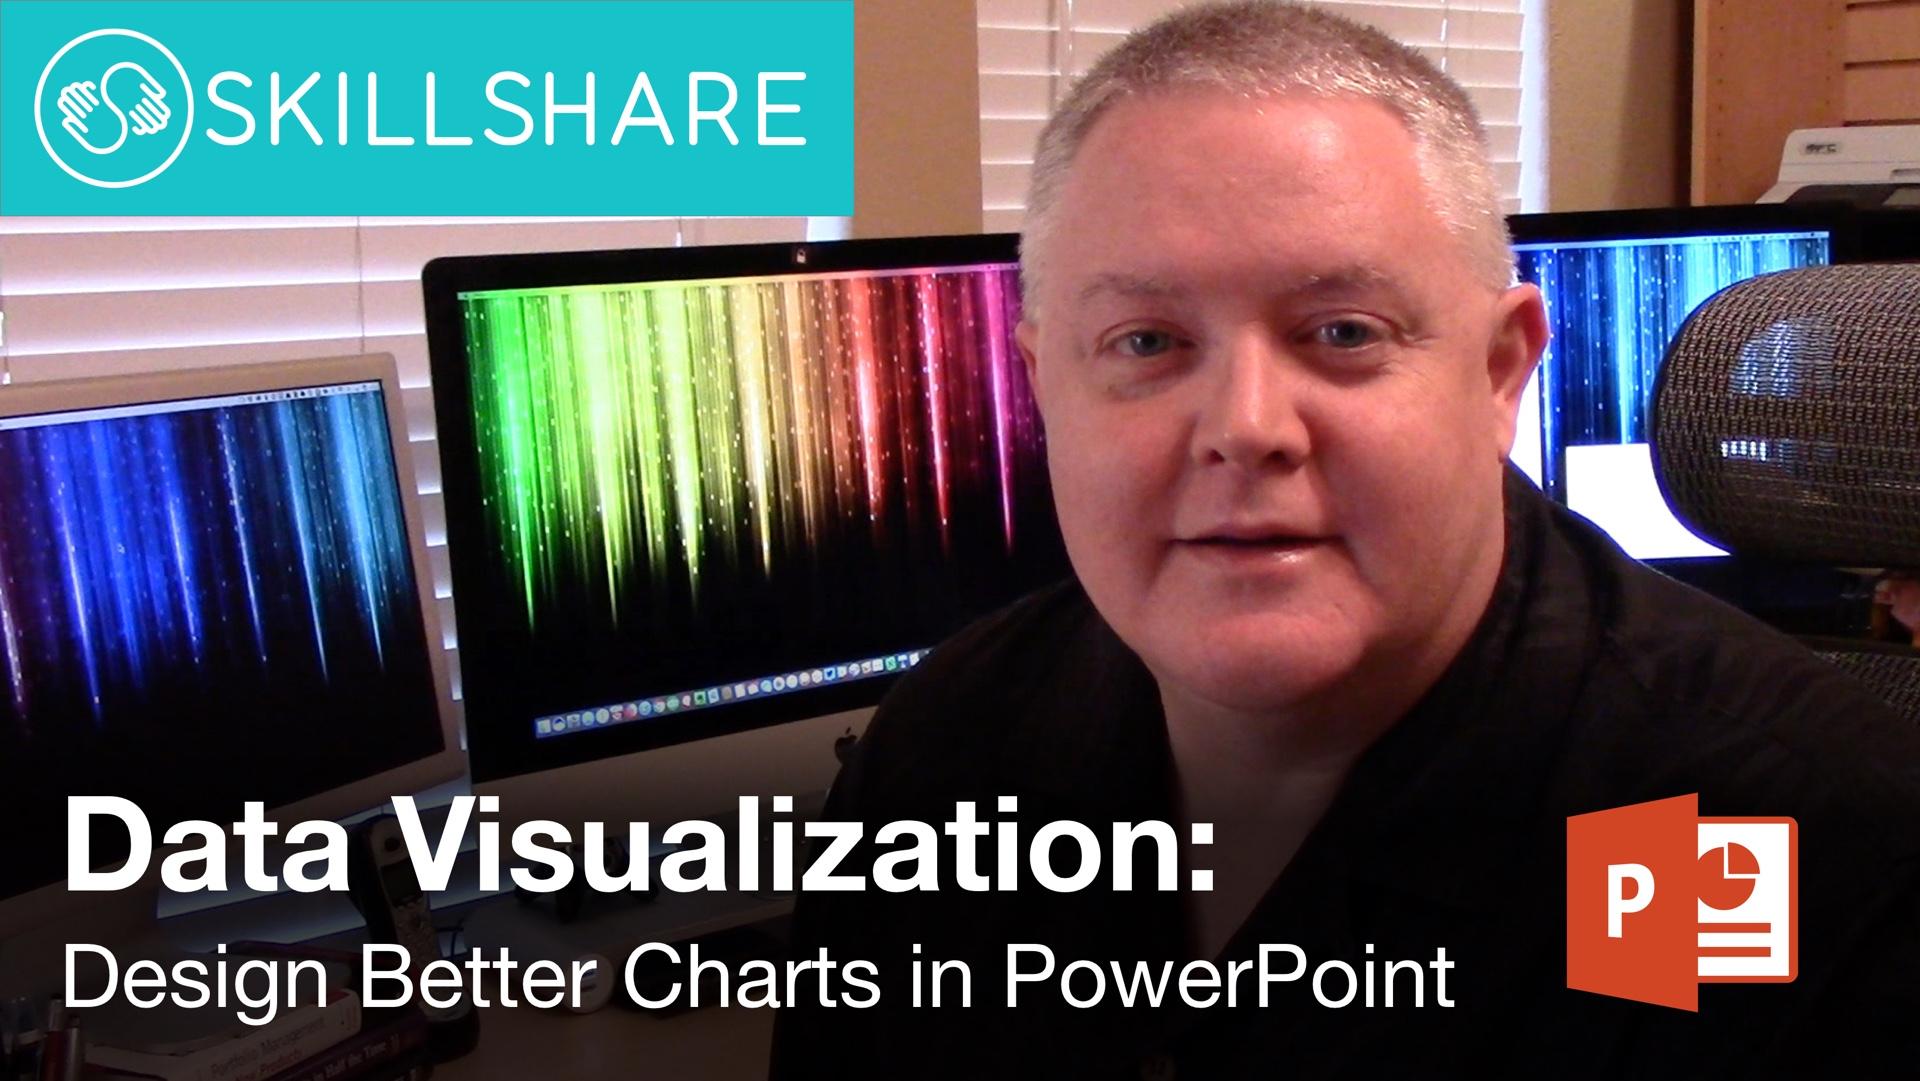 Data Visualization PowerPoint Charts Design Skillshare Randy Krum.jpg